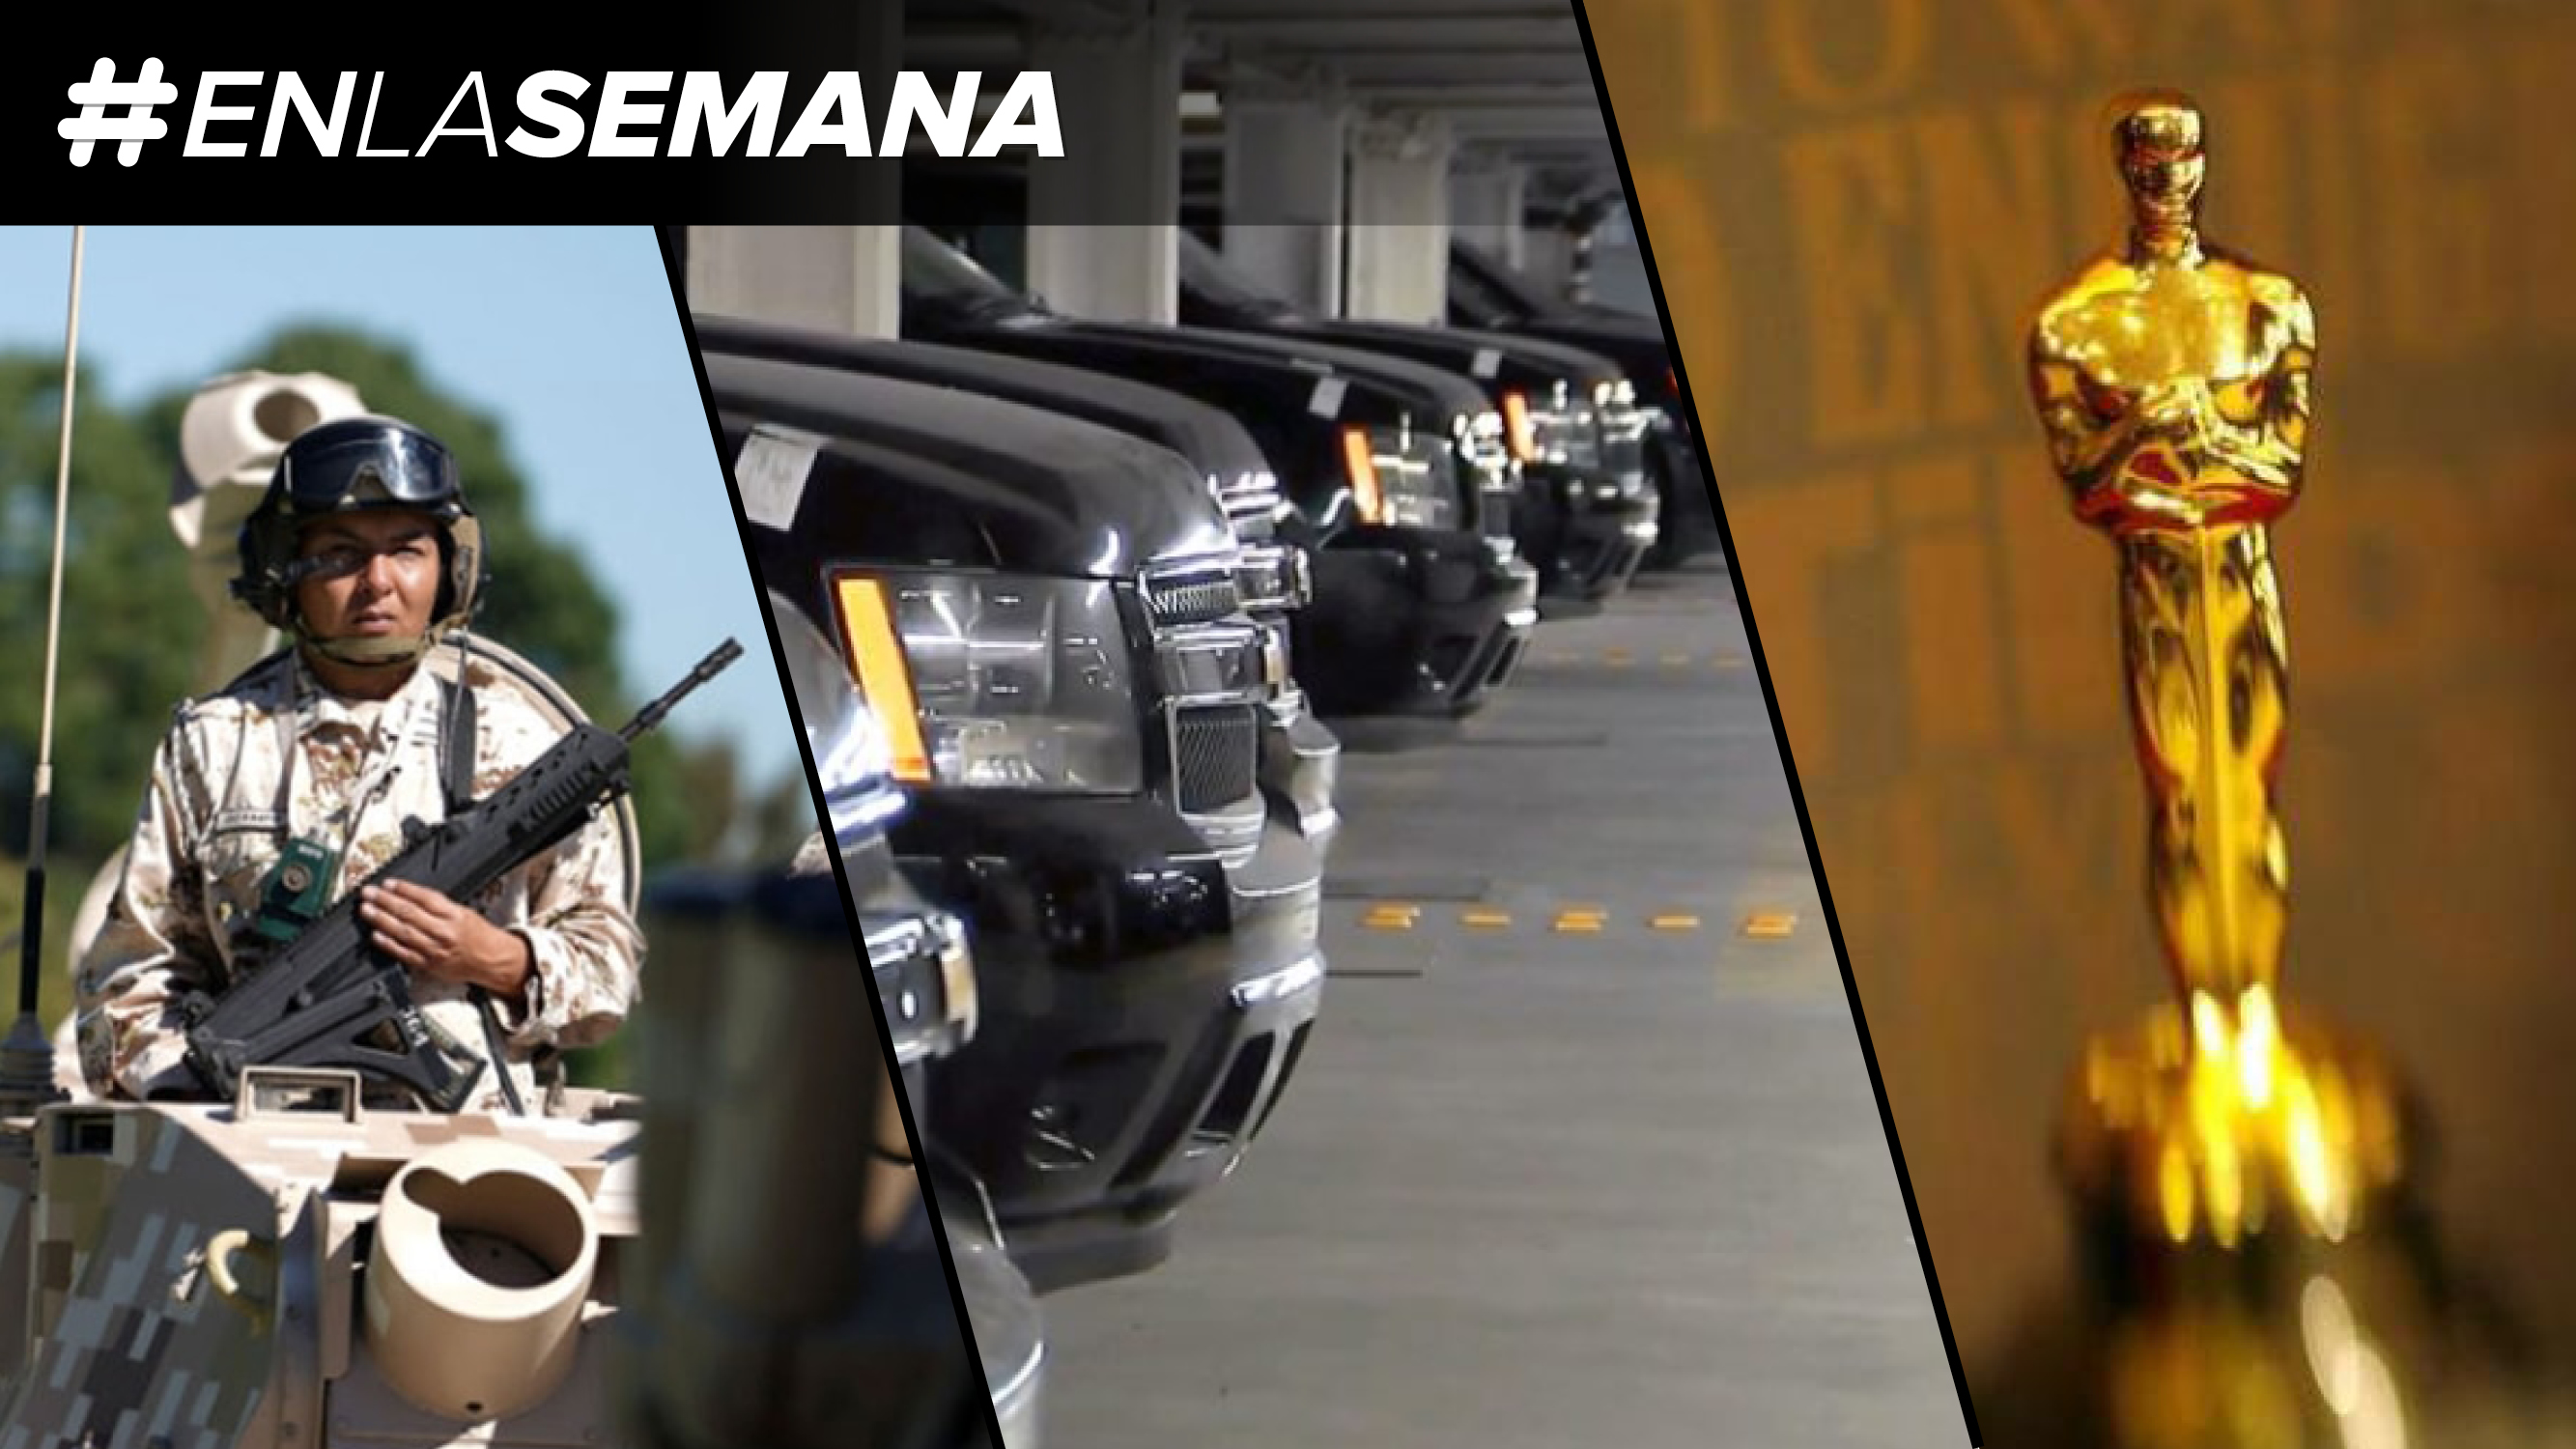 Agenda Forbes | AMLO presenta consejo pro inversión; Senado votará la Guardia Nacional e inicia la subasta de autos 'fifí'